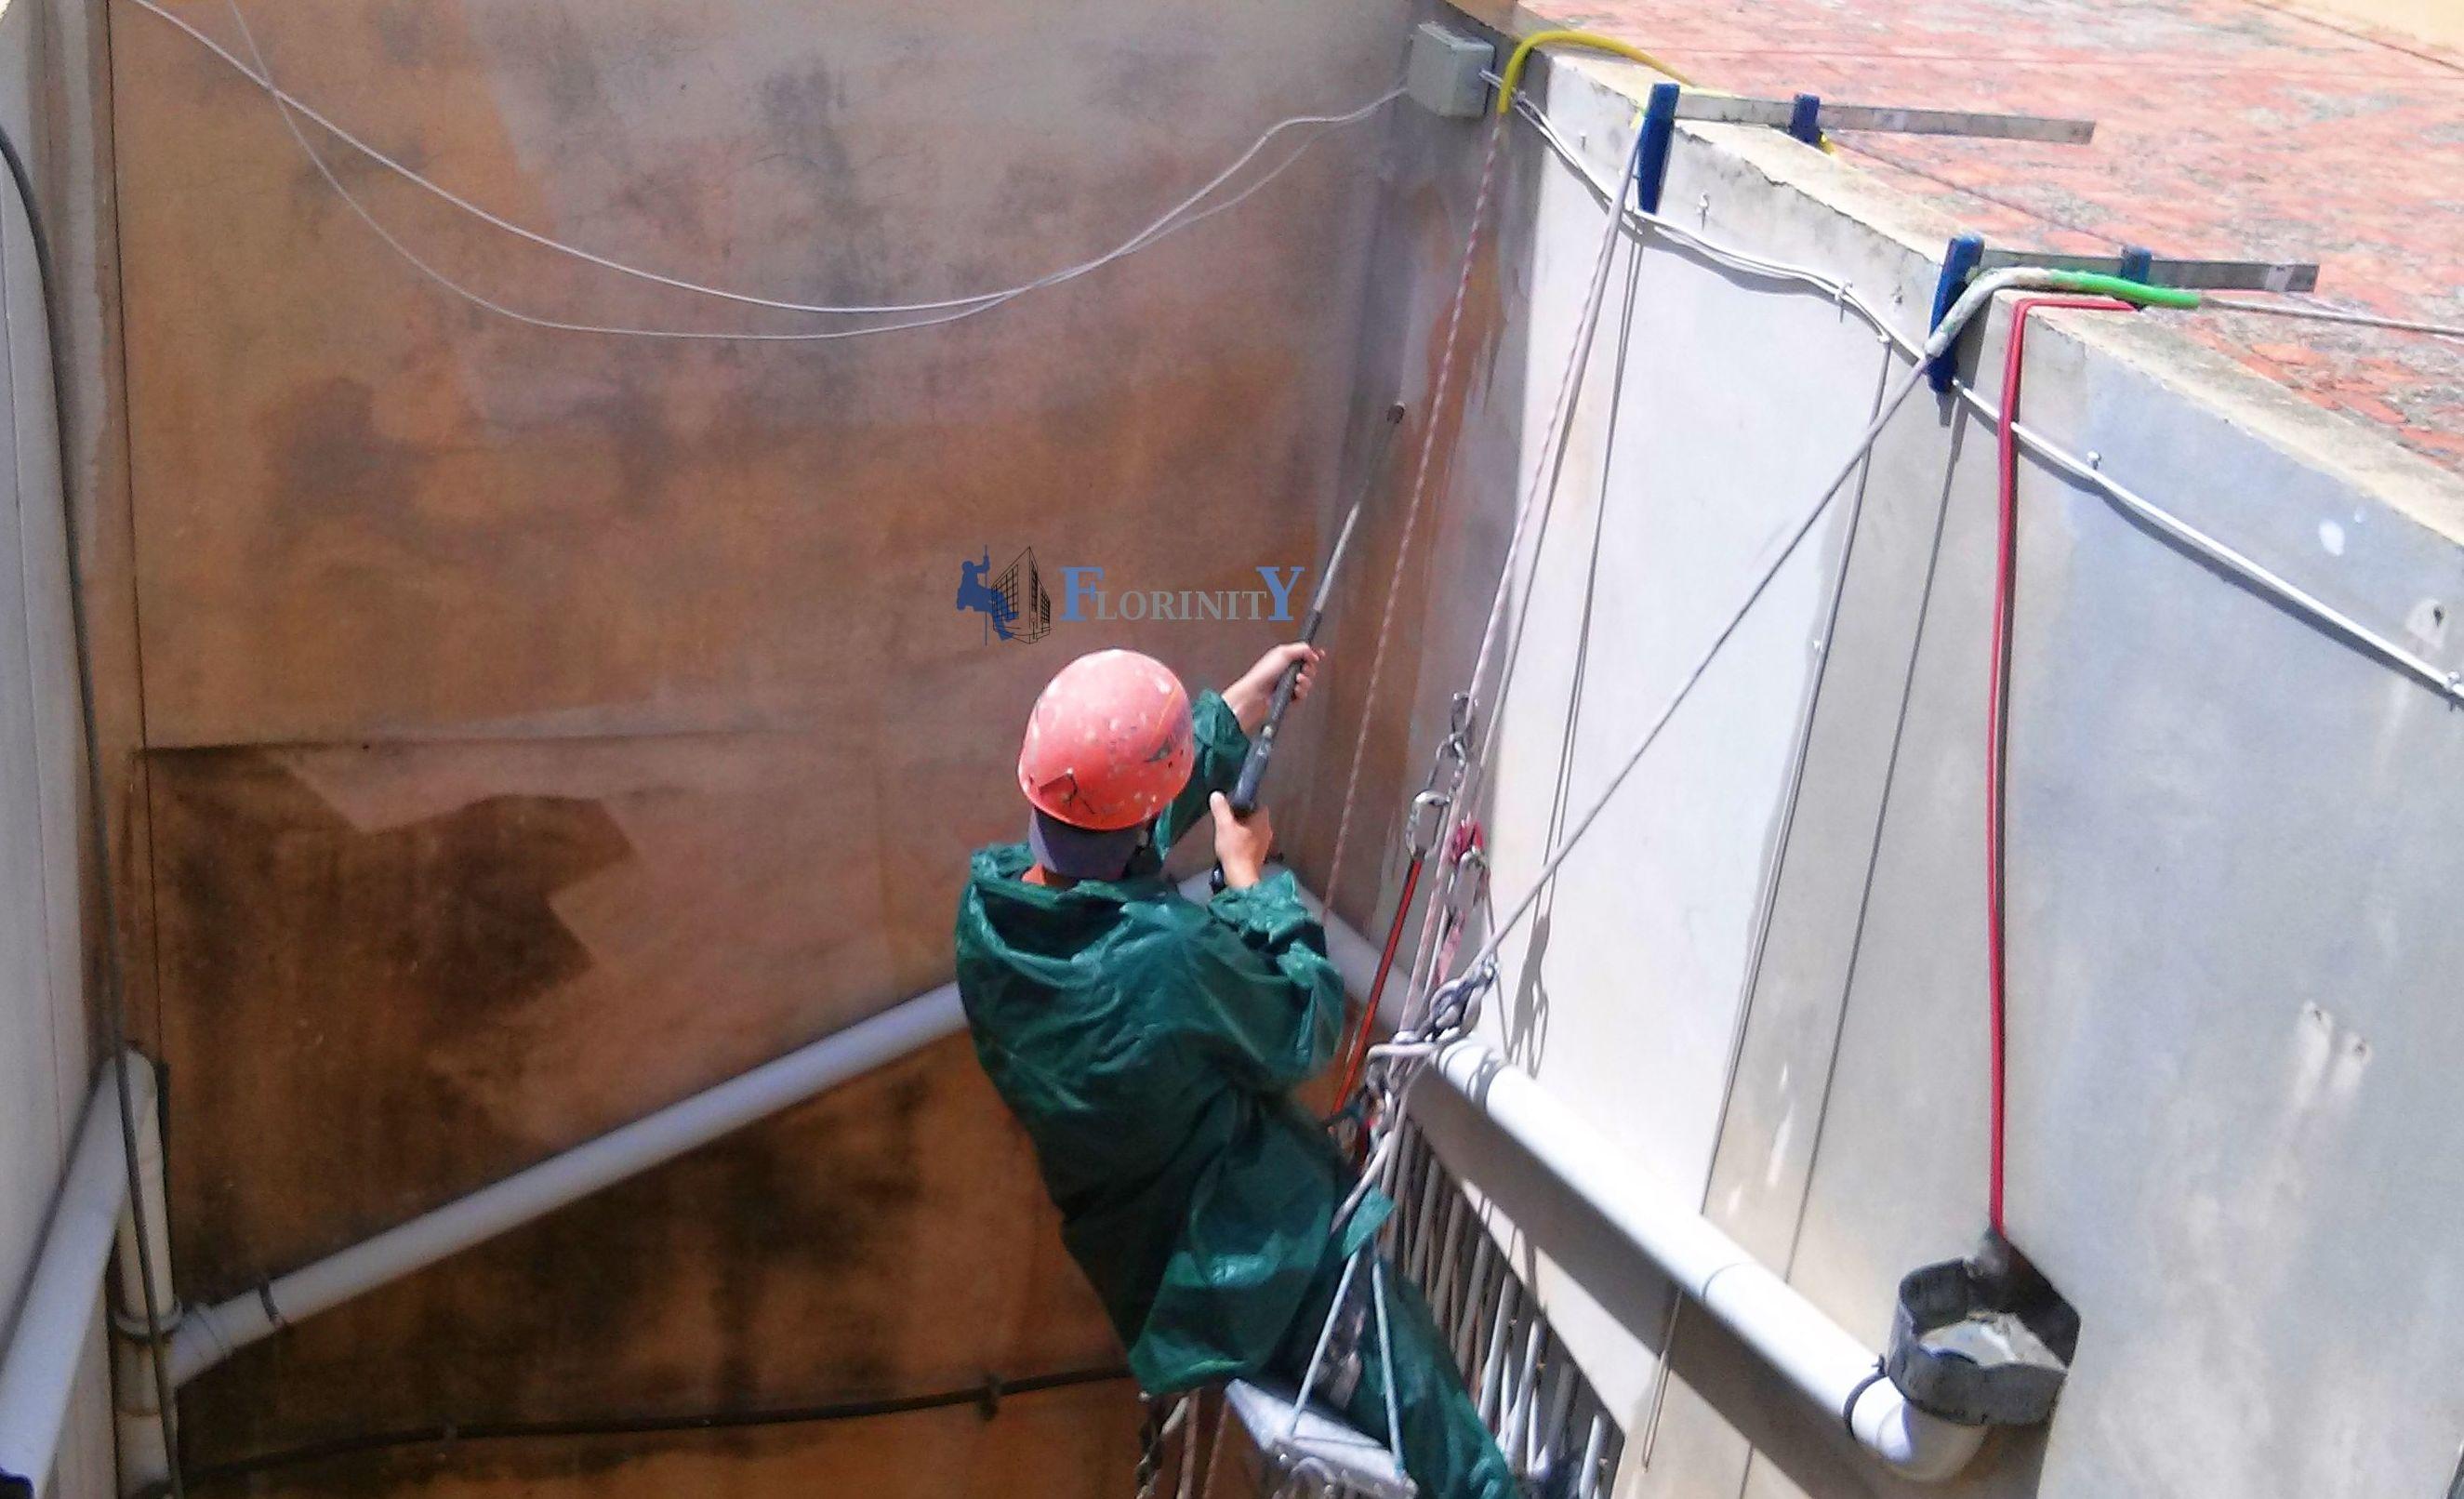 Foto 124 de Trabajos verticales en Palma de Mallorca   Trabajos Verticales Florinity